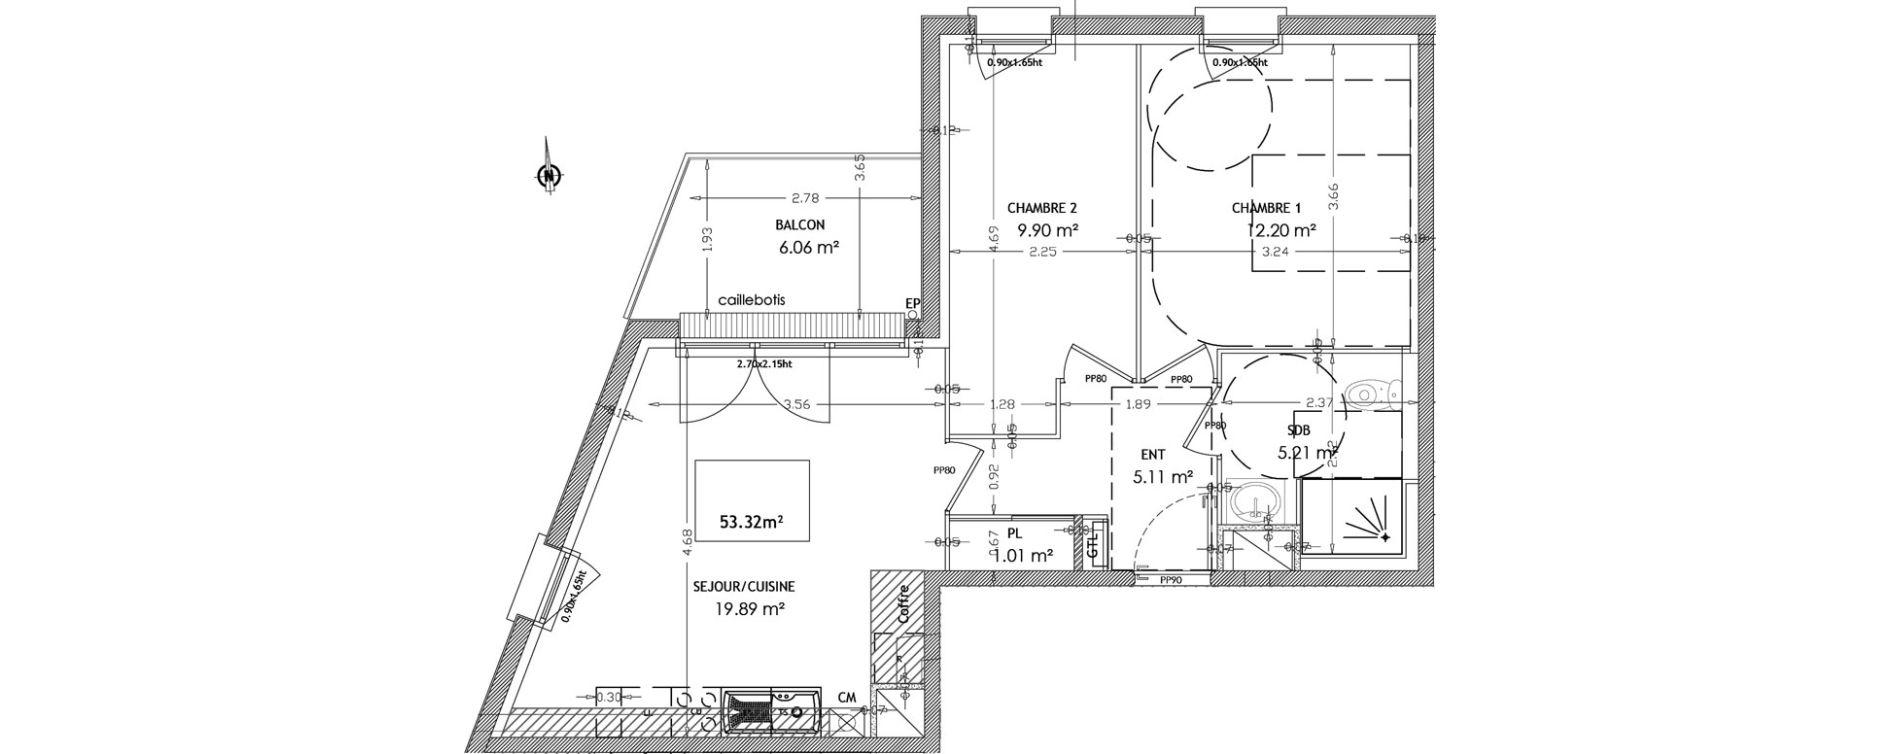 Appartement T3 de 53,32 m2 au Havre Points cardinaux